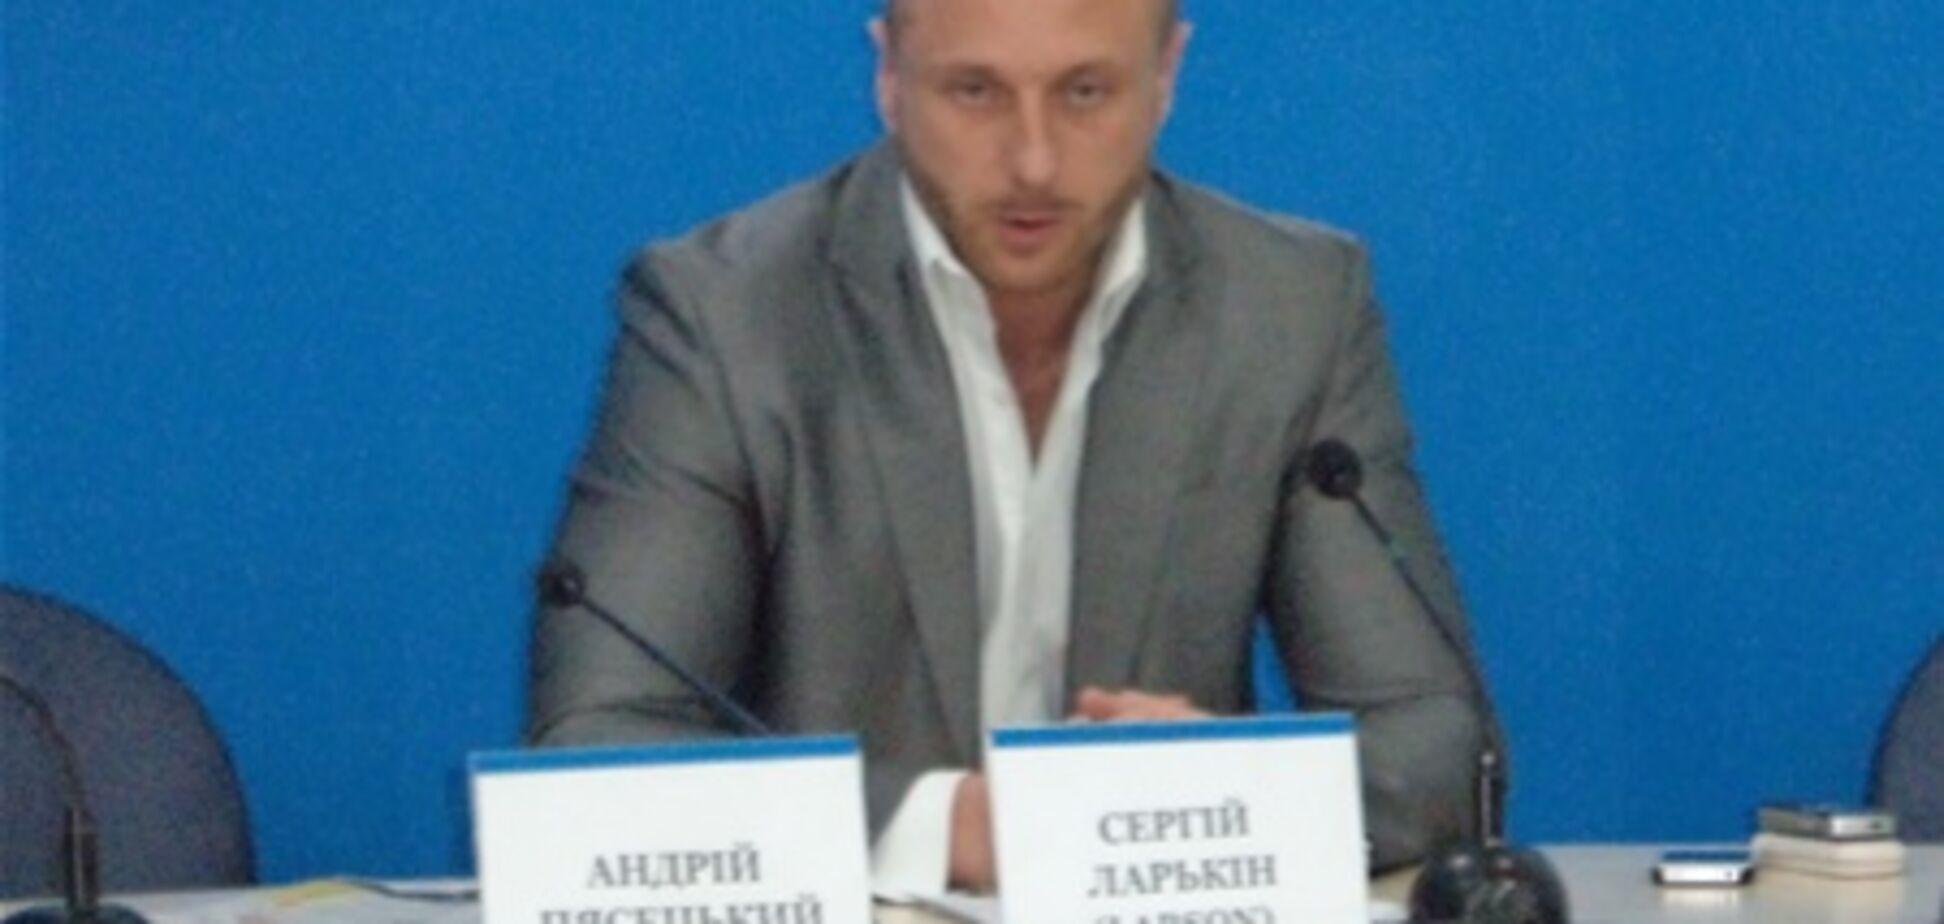 Ларсон: я извиняюсь перед Андреем Пясецким. Фото